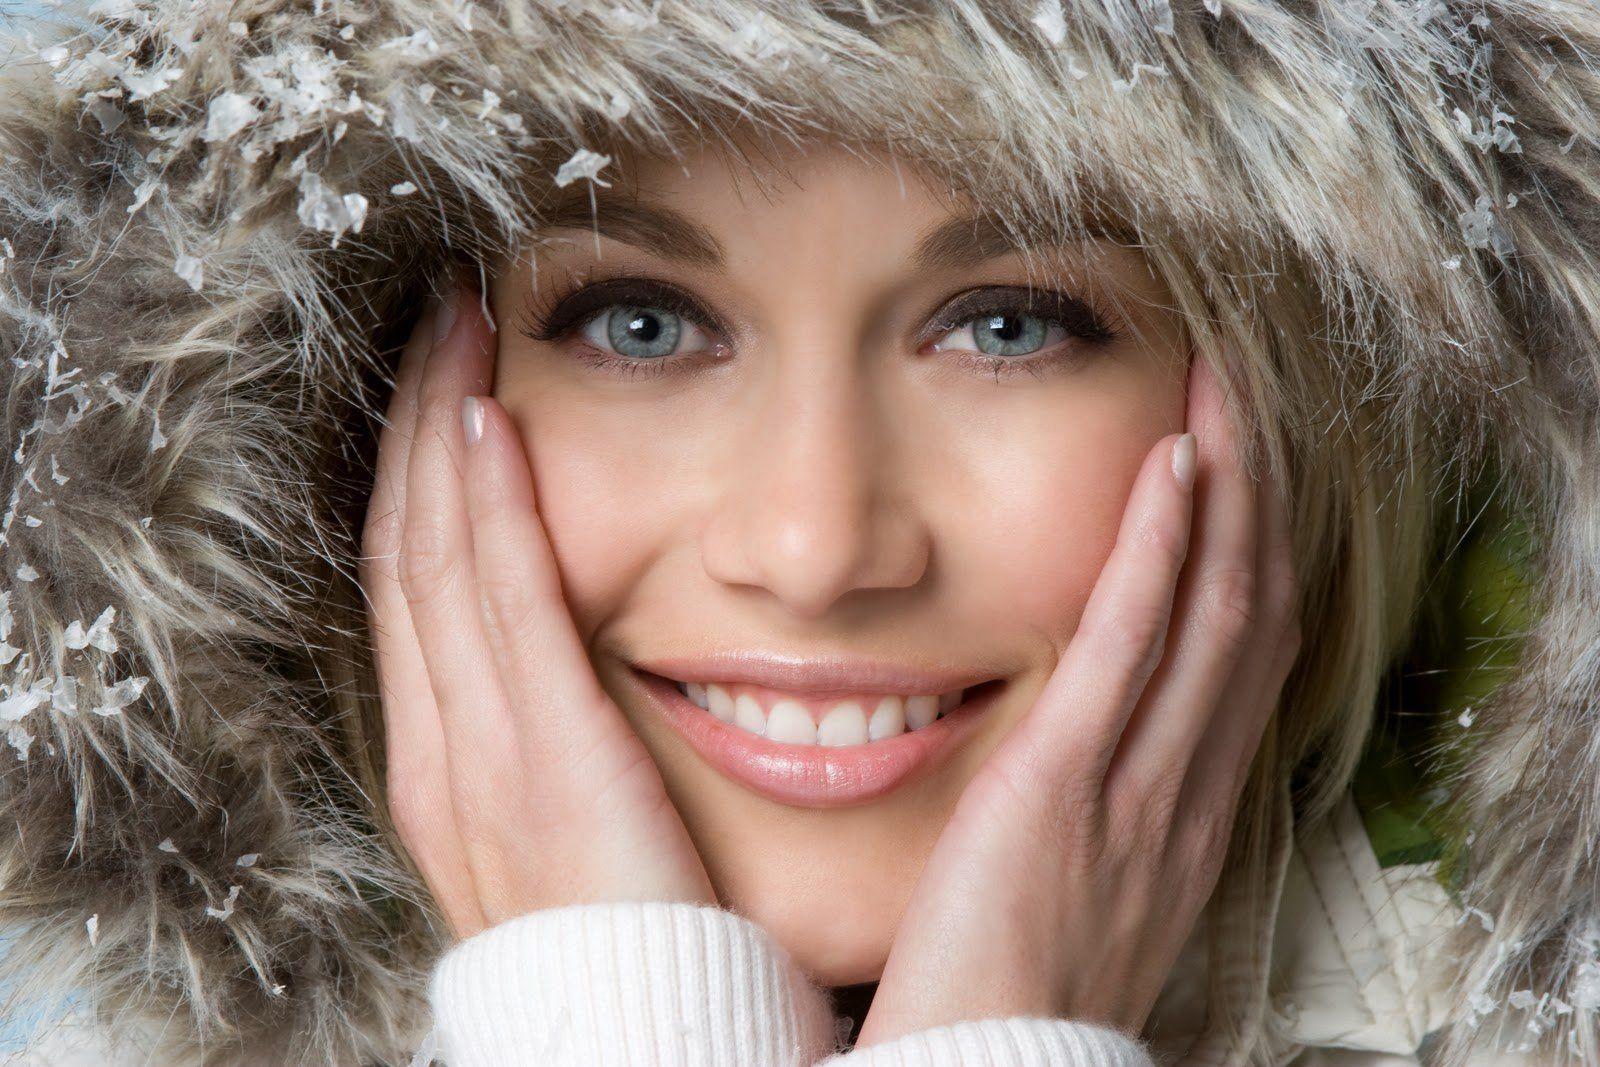 В холодну пору краще не користуватися засобами b816837dfc9a8